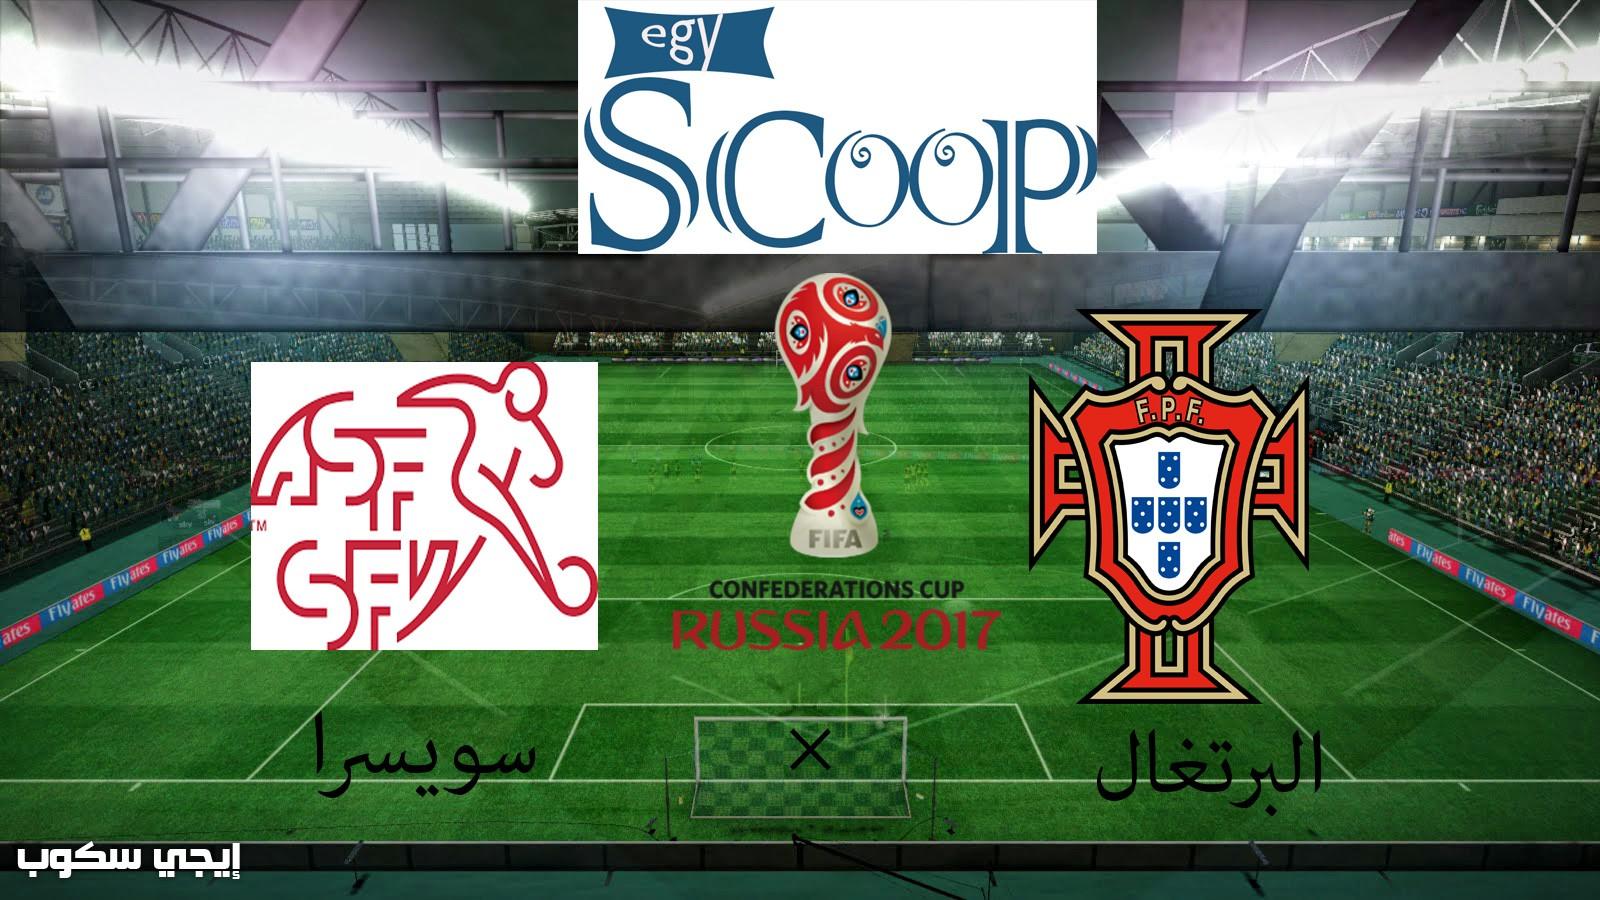 موعد مباراة البرتغال وسويسرا اليوم والقنوات الناقلة فى التصفيات المؤهلة لكأس العالم 2018 - إيجي سكوب